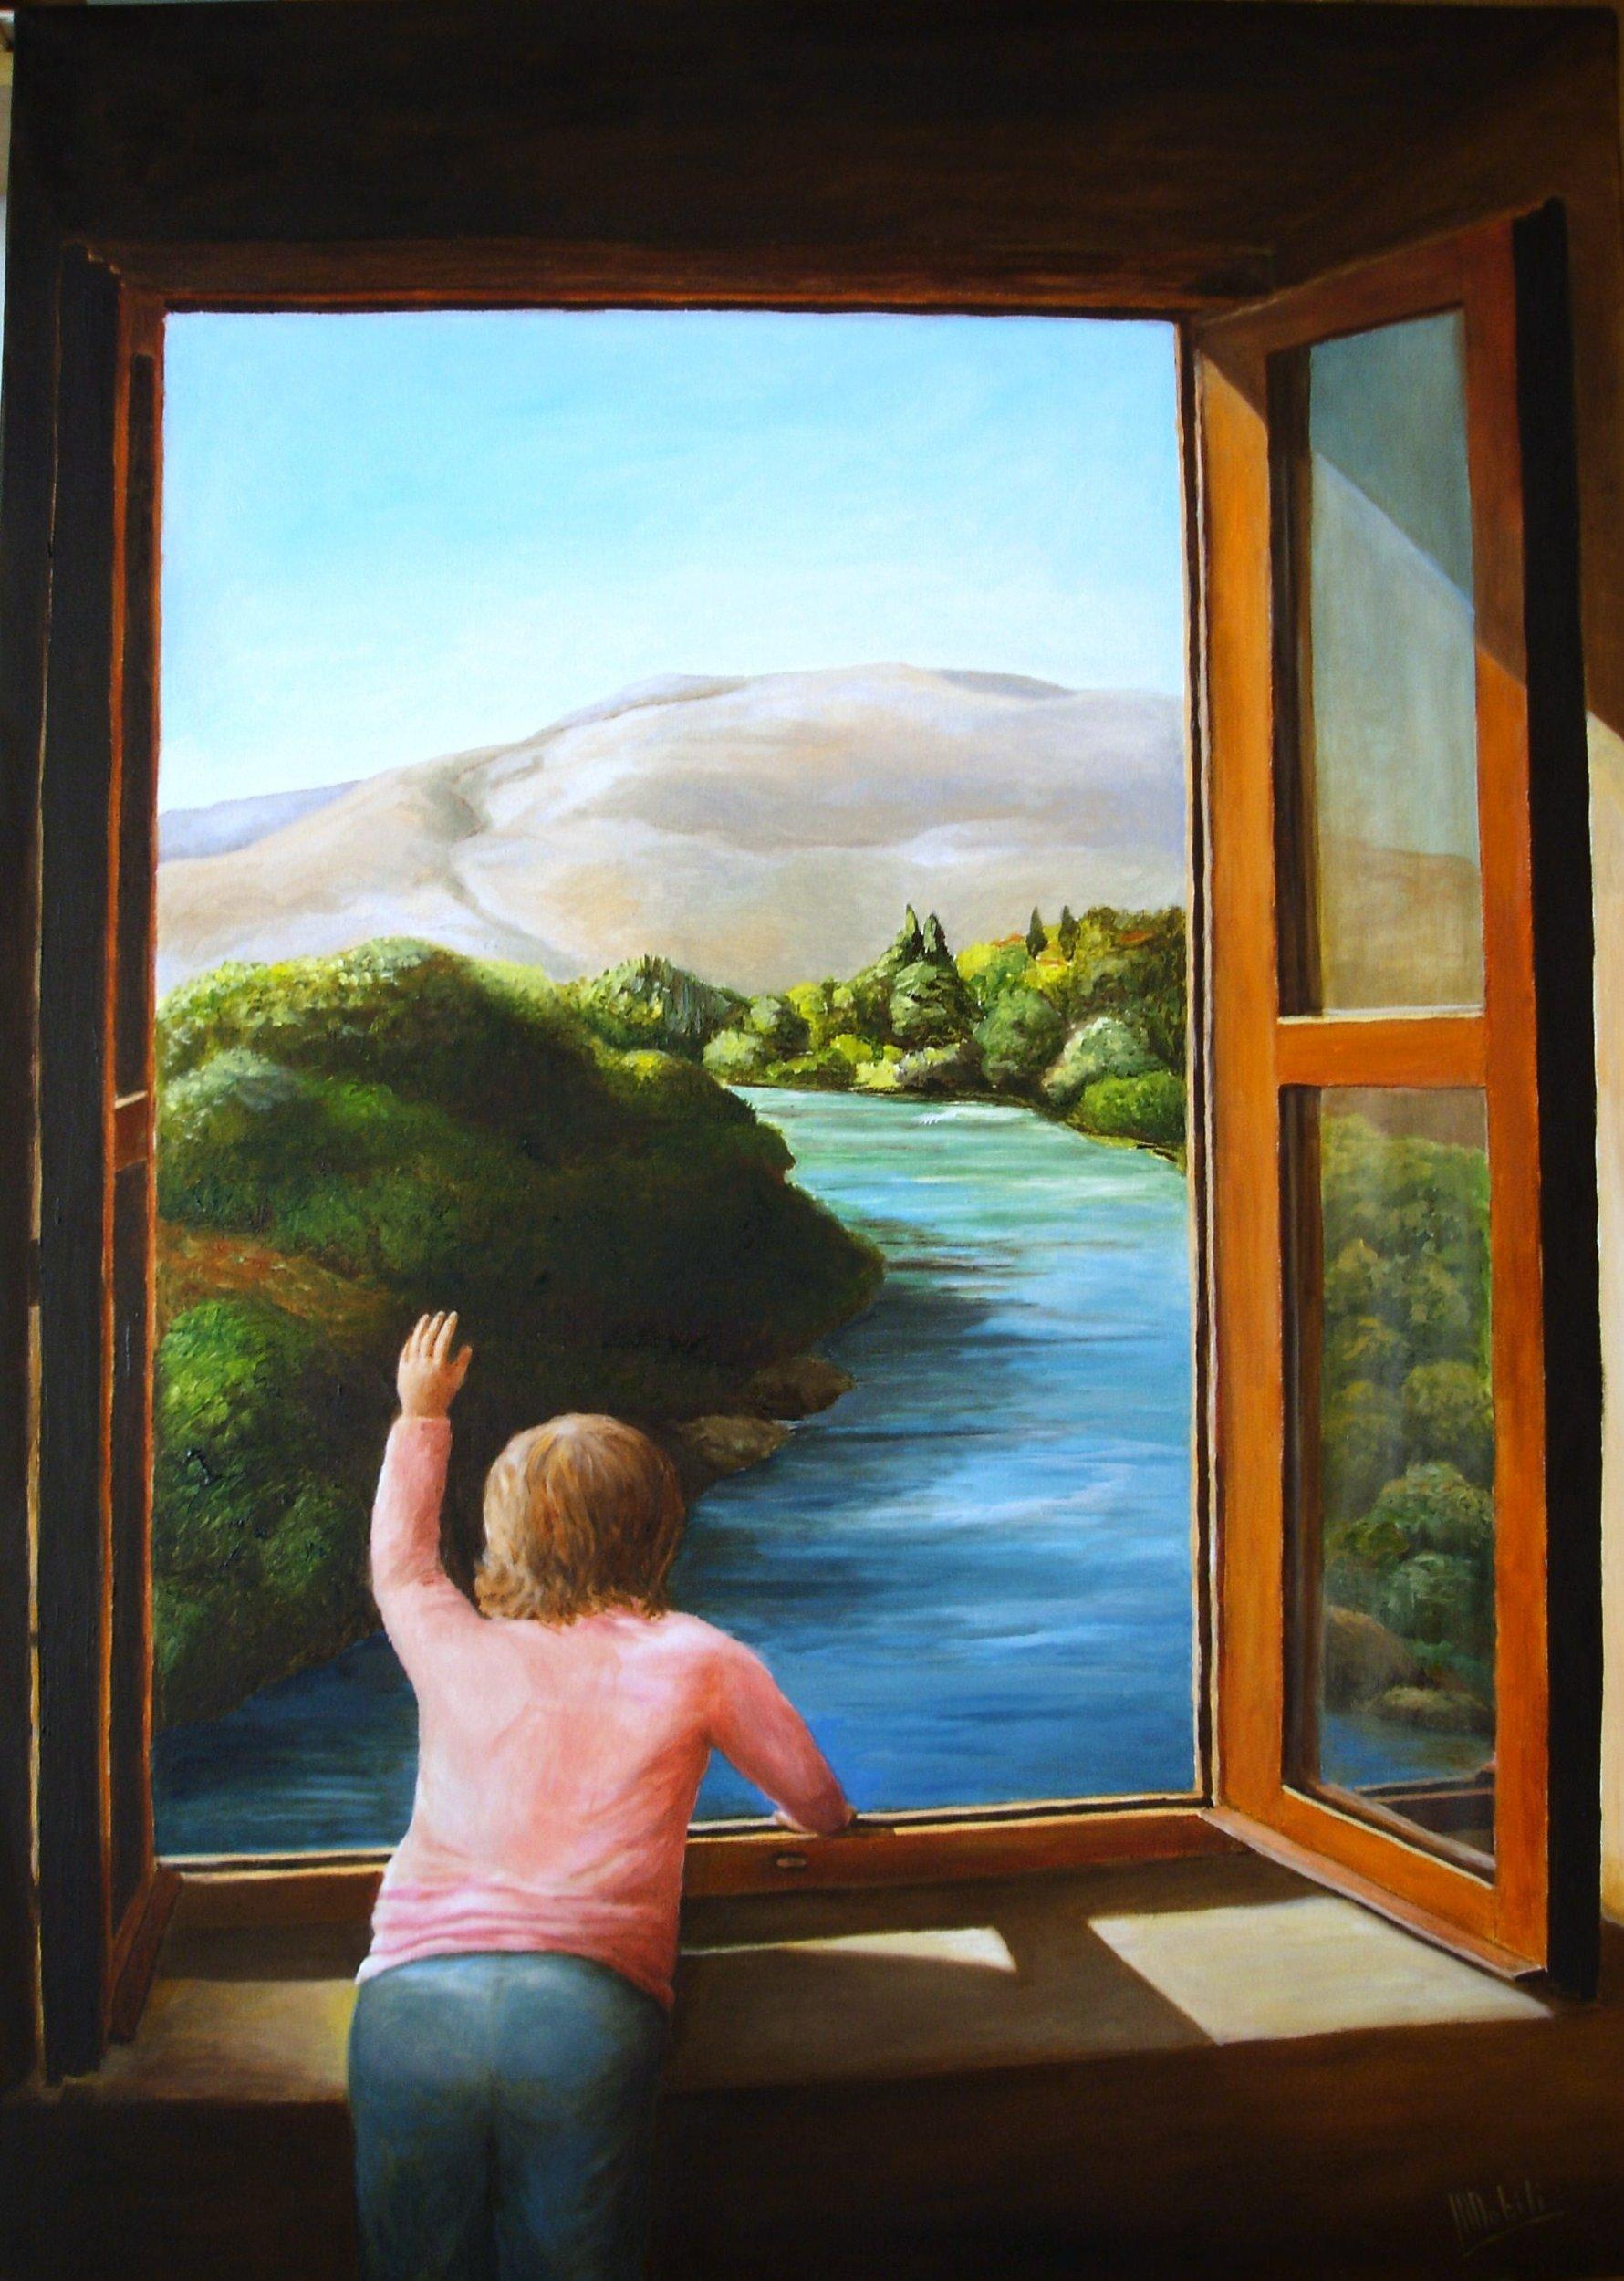 La finestra sul fiume maria nobili opera celeste network - La finestra di fronte andrea guerra ...